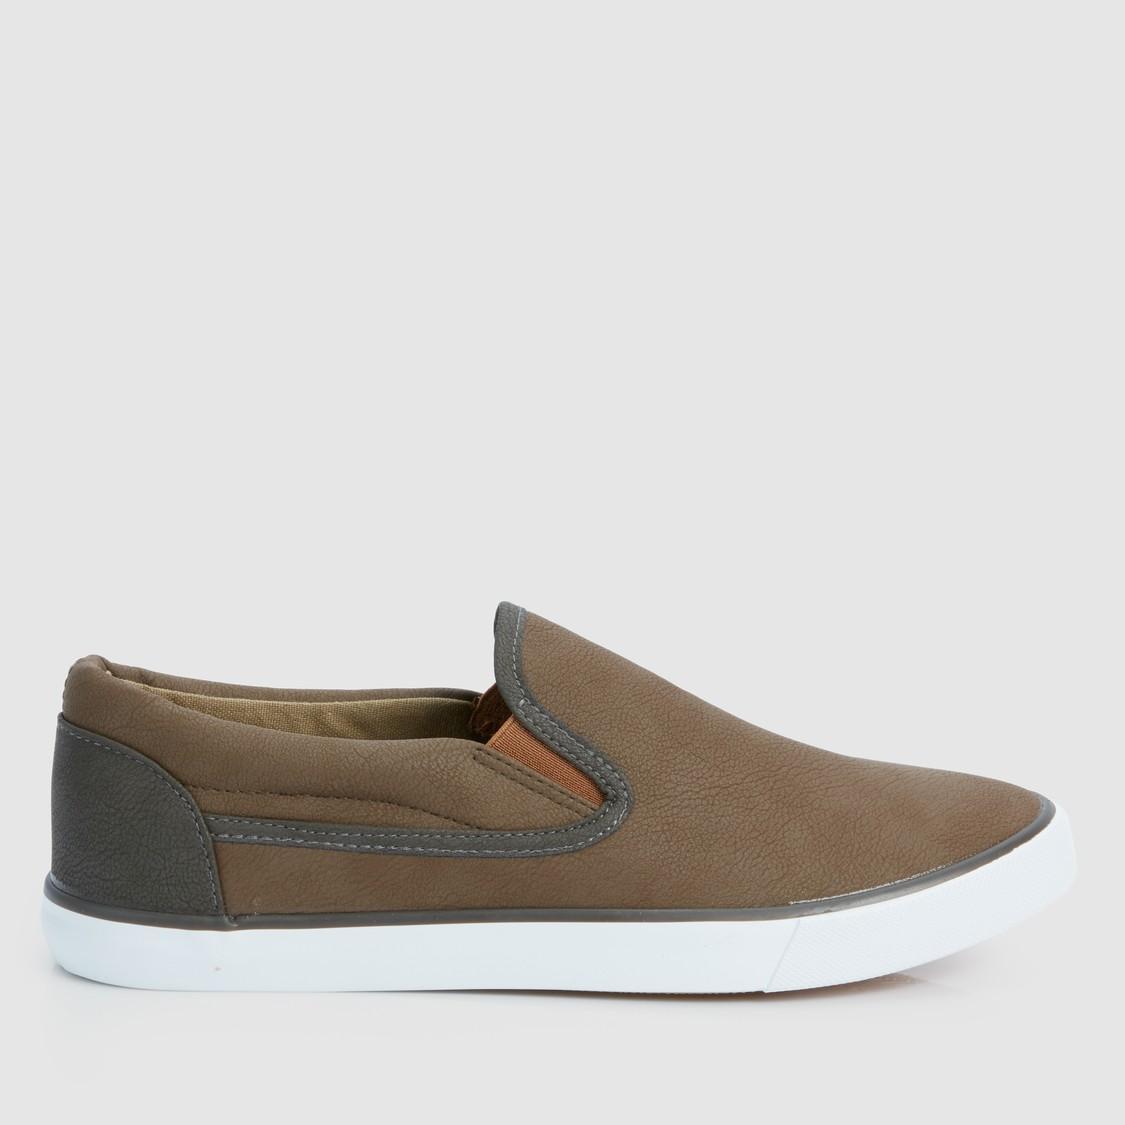 حذاء سهل الارتداء وبارز الملمس